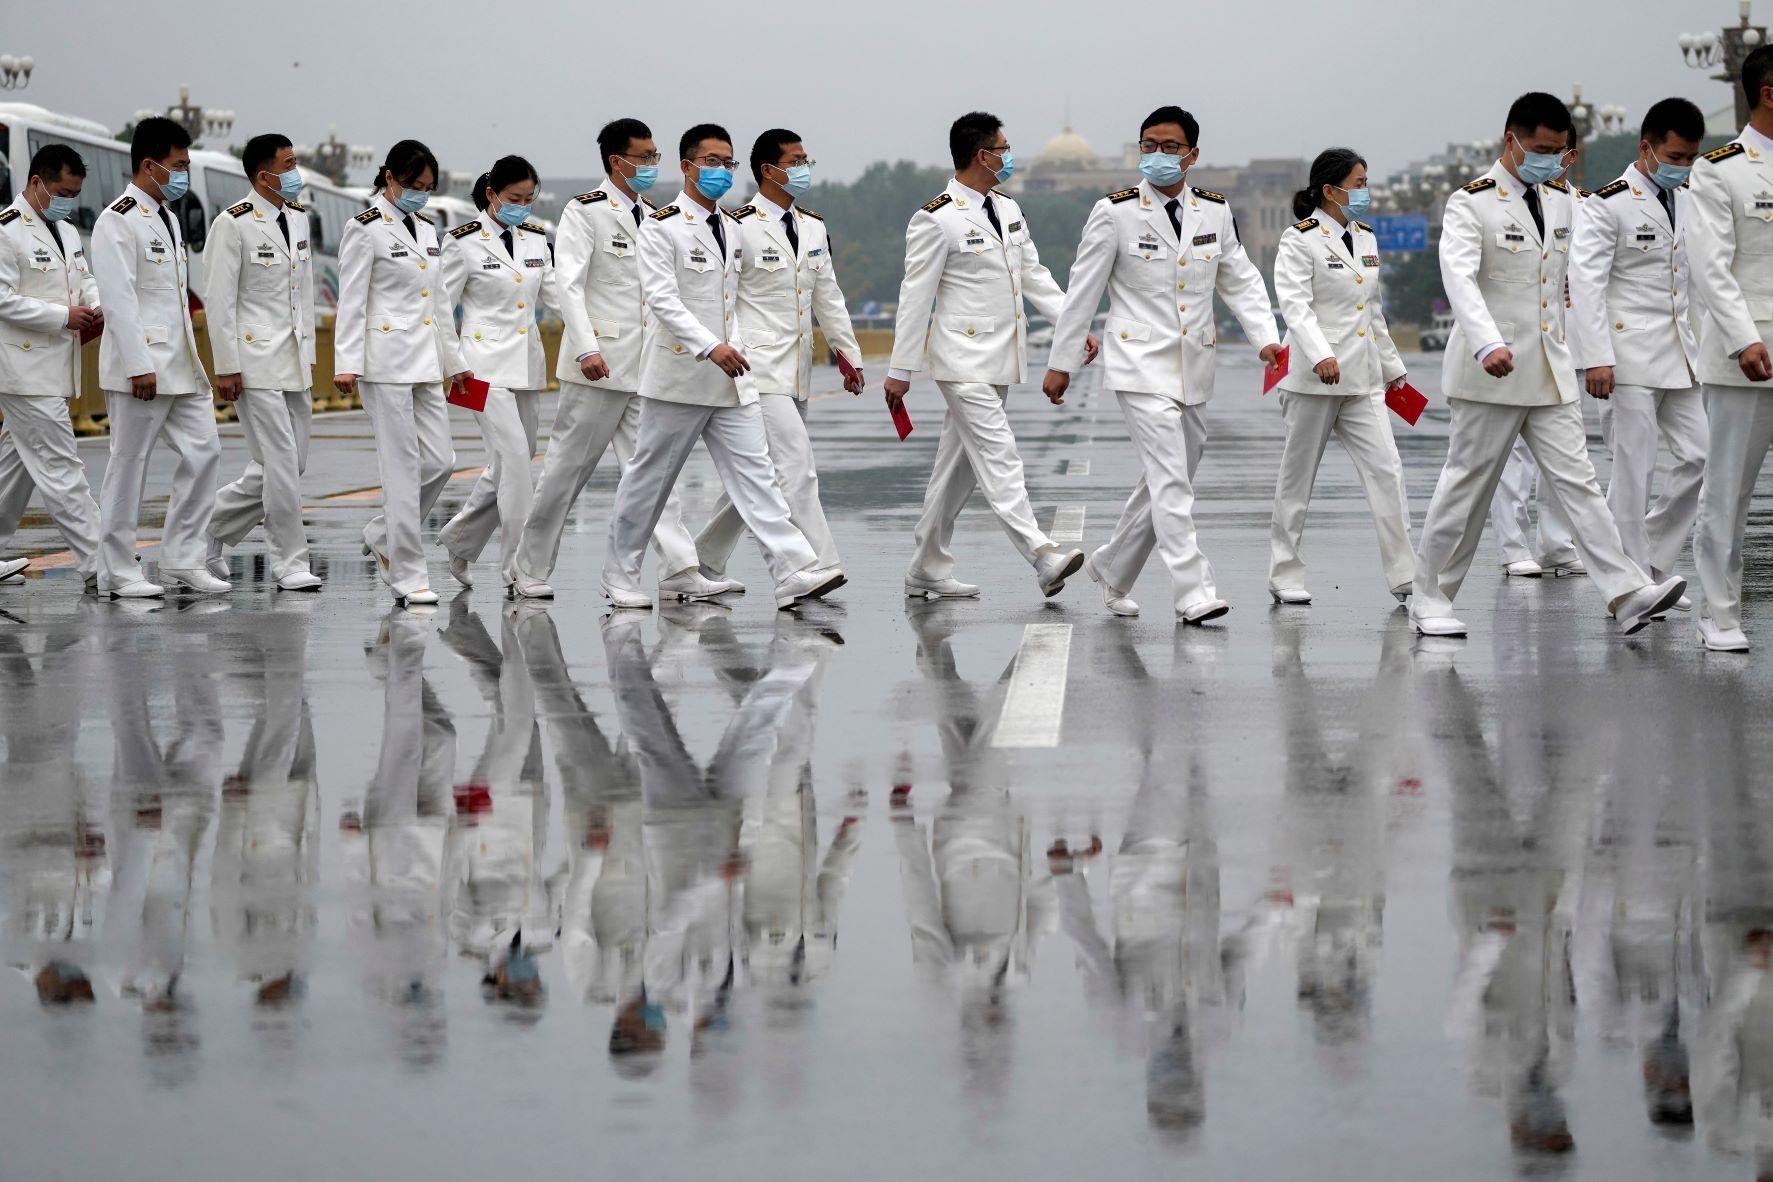 عمل الحزب الشيوعي الصيني بدأب على بناء قوة عسكرية متطورة